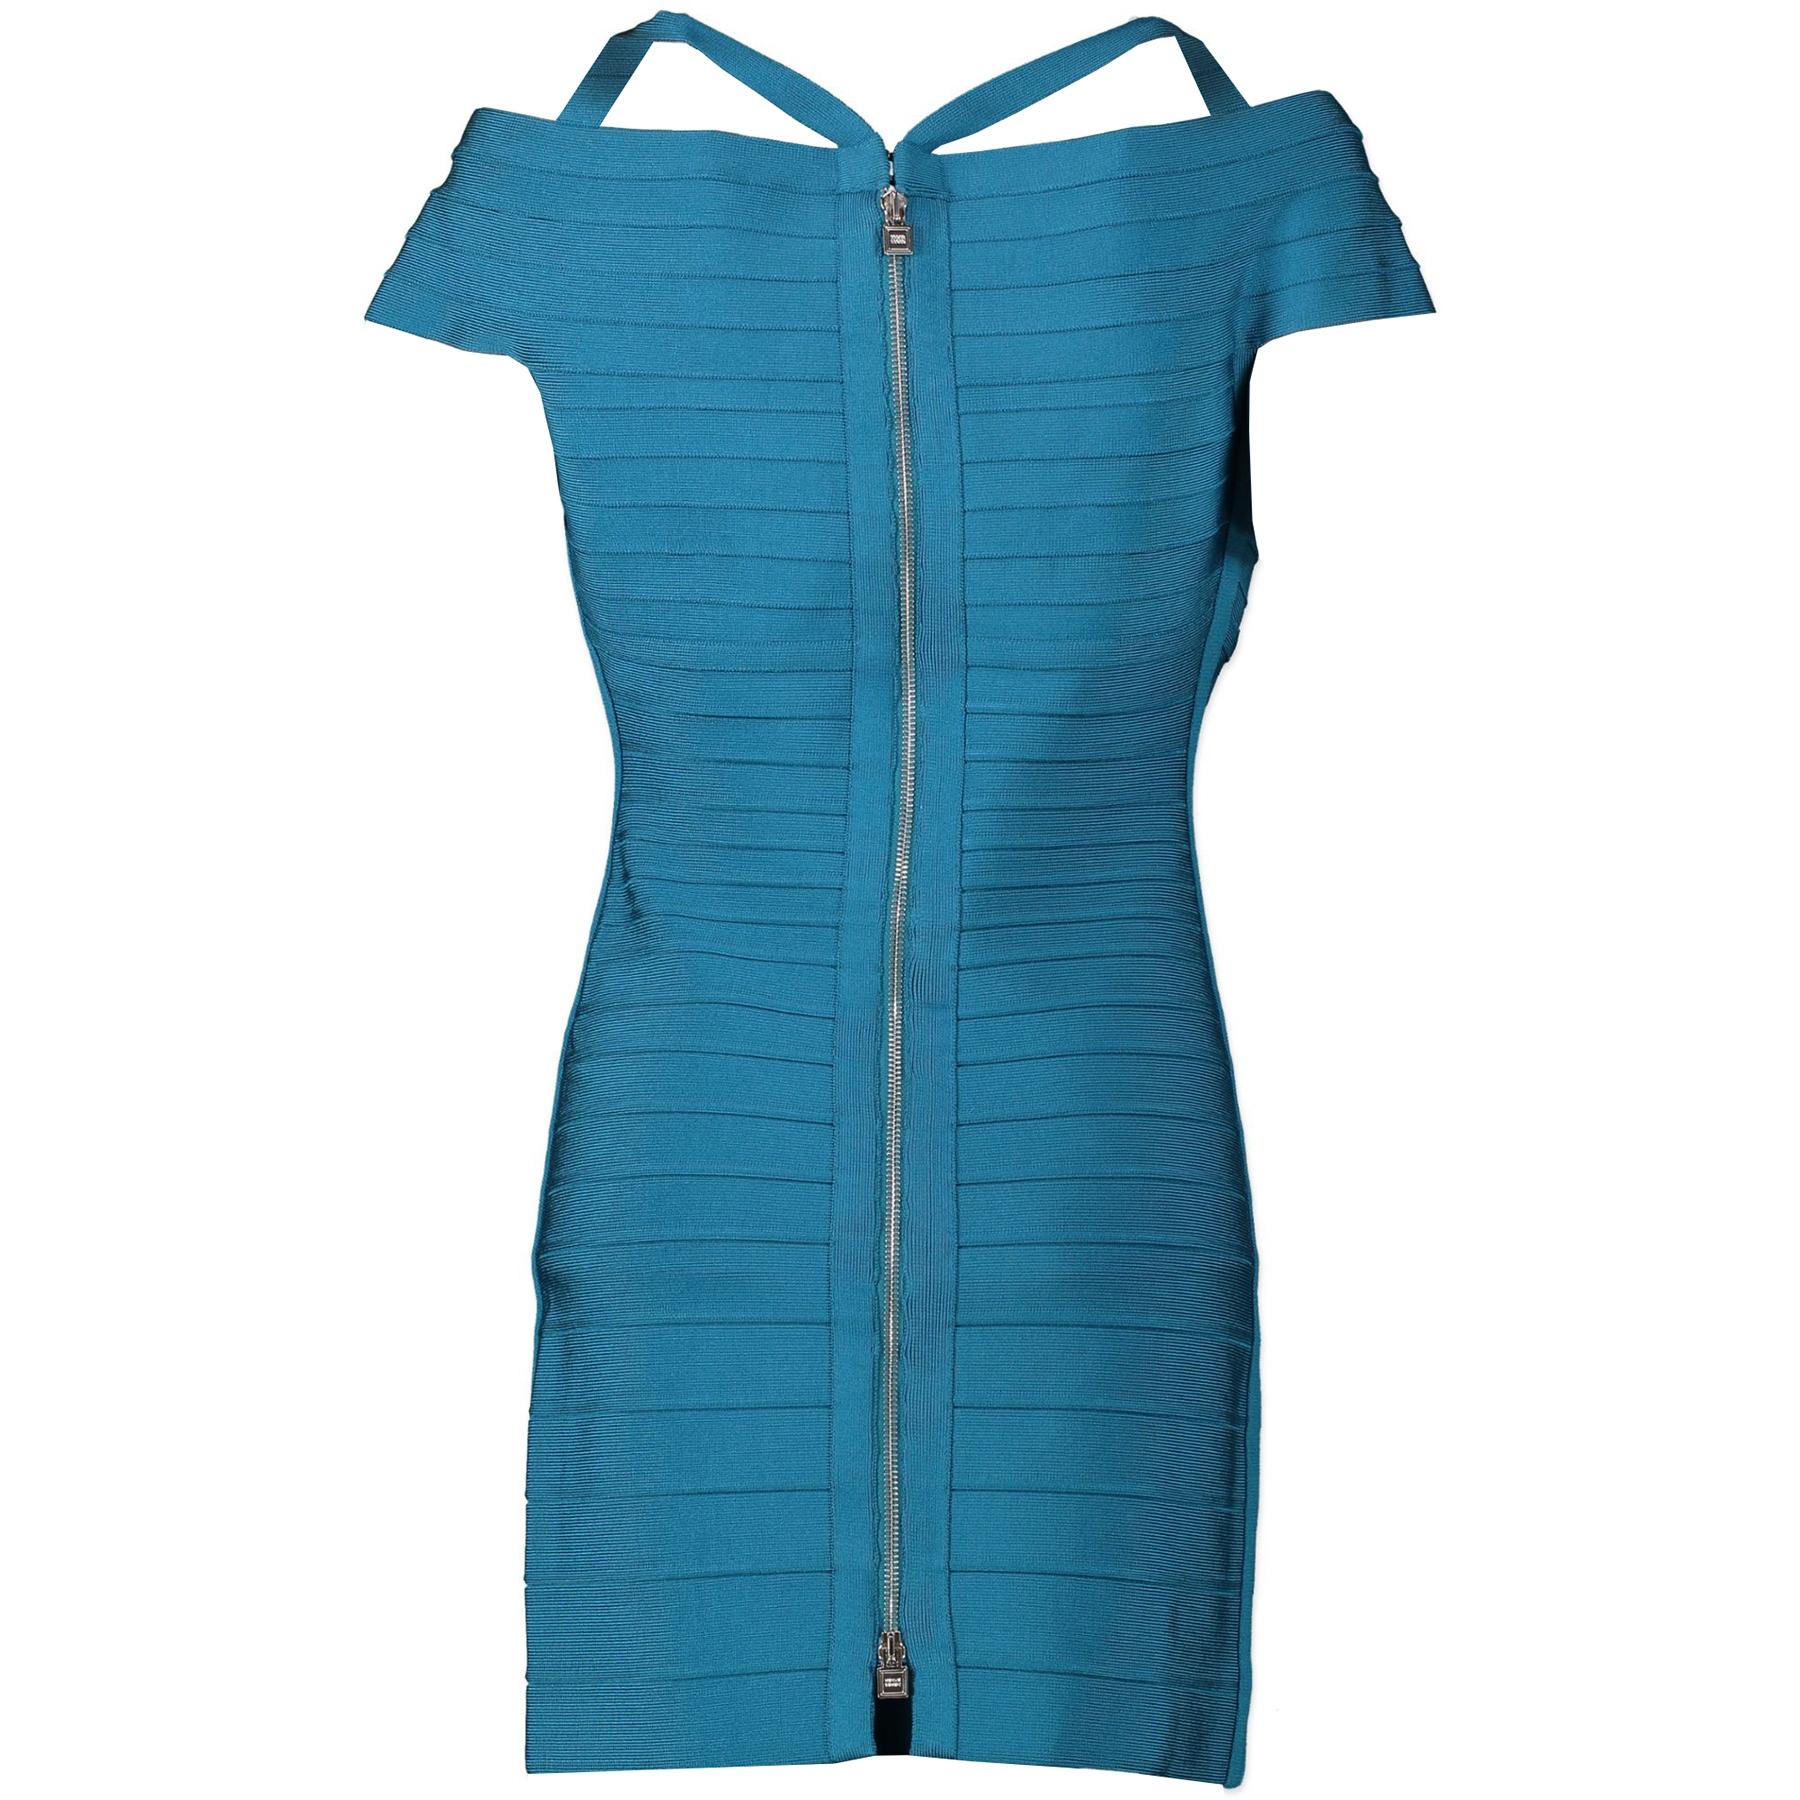 Herve Leger Turquoise Kelis Off-Shoulder Bandage Dress